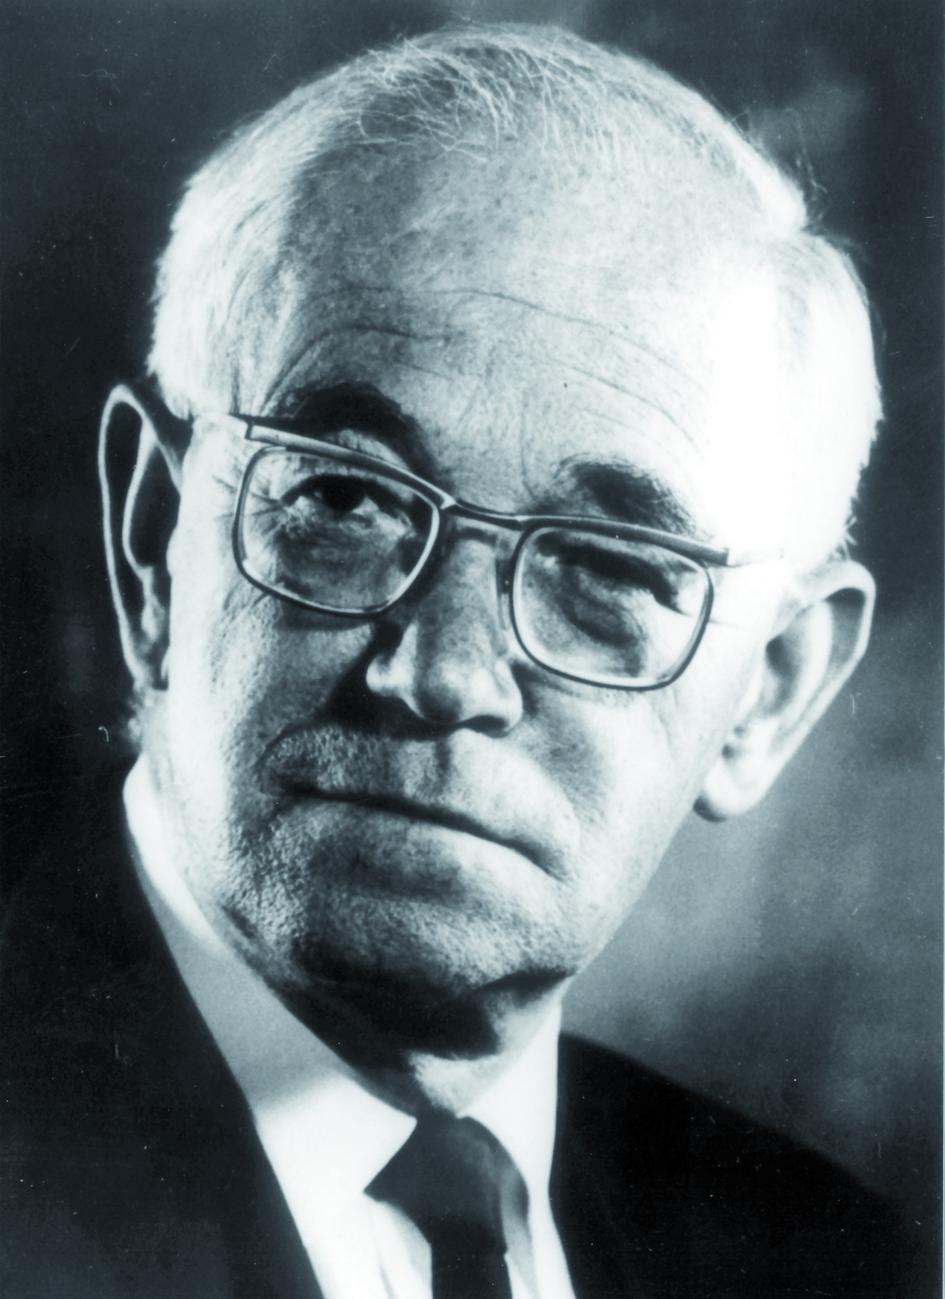 Portraitfoto von Herrn Ellis Cosslett.